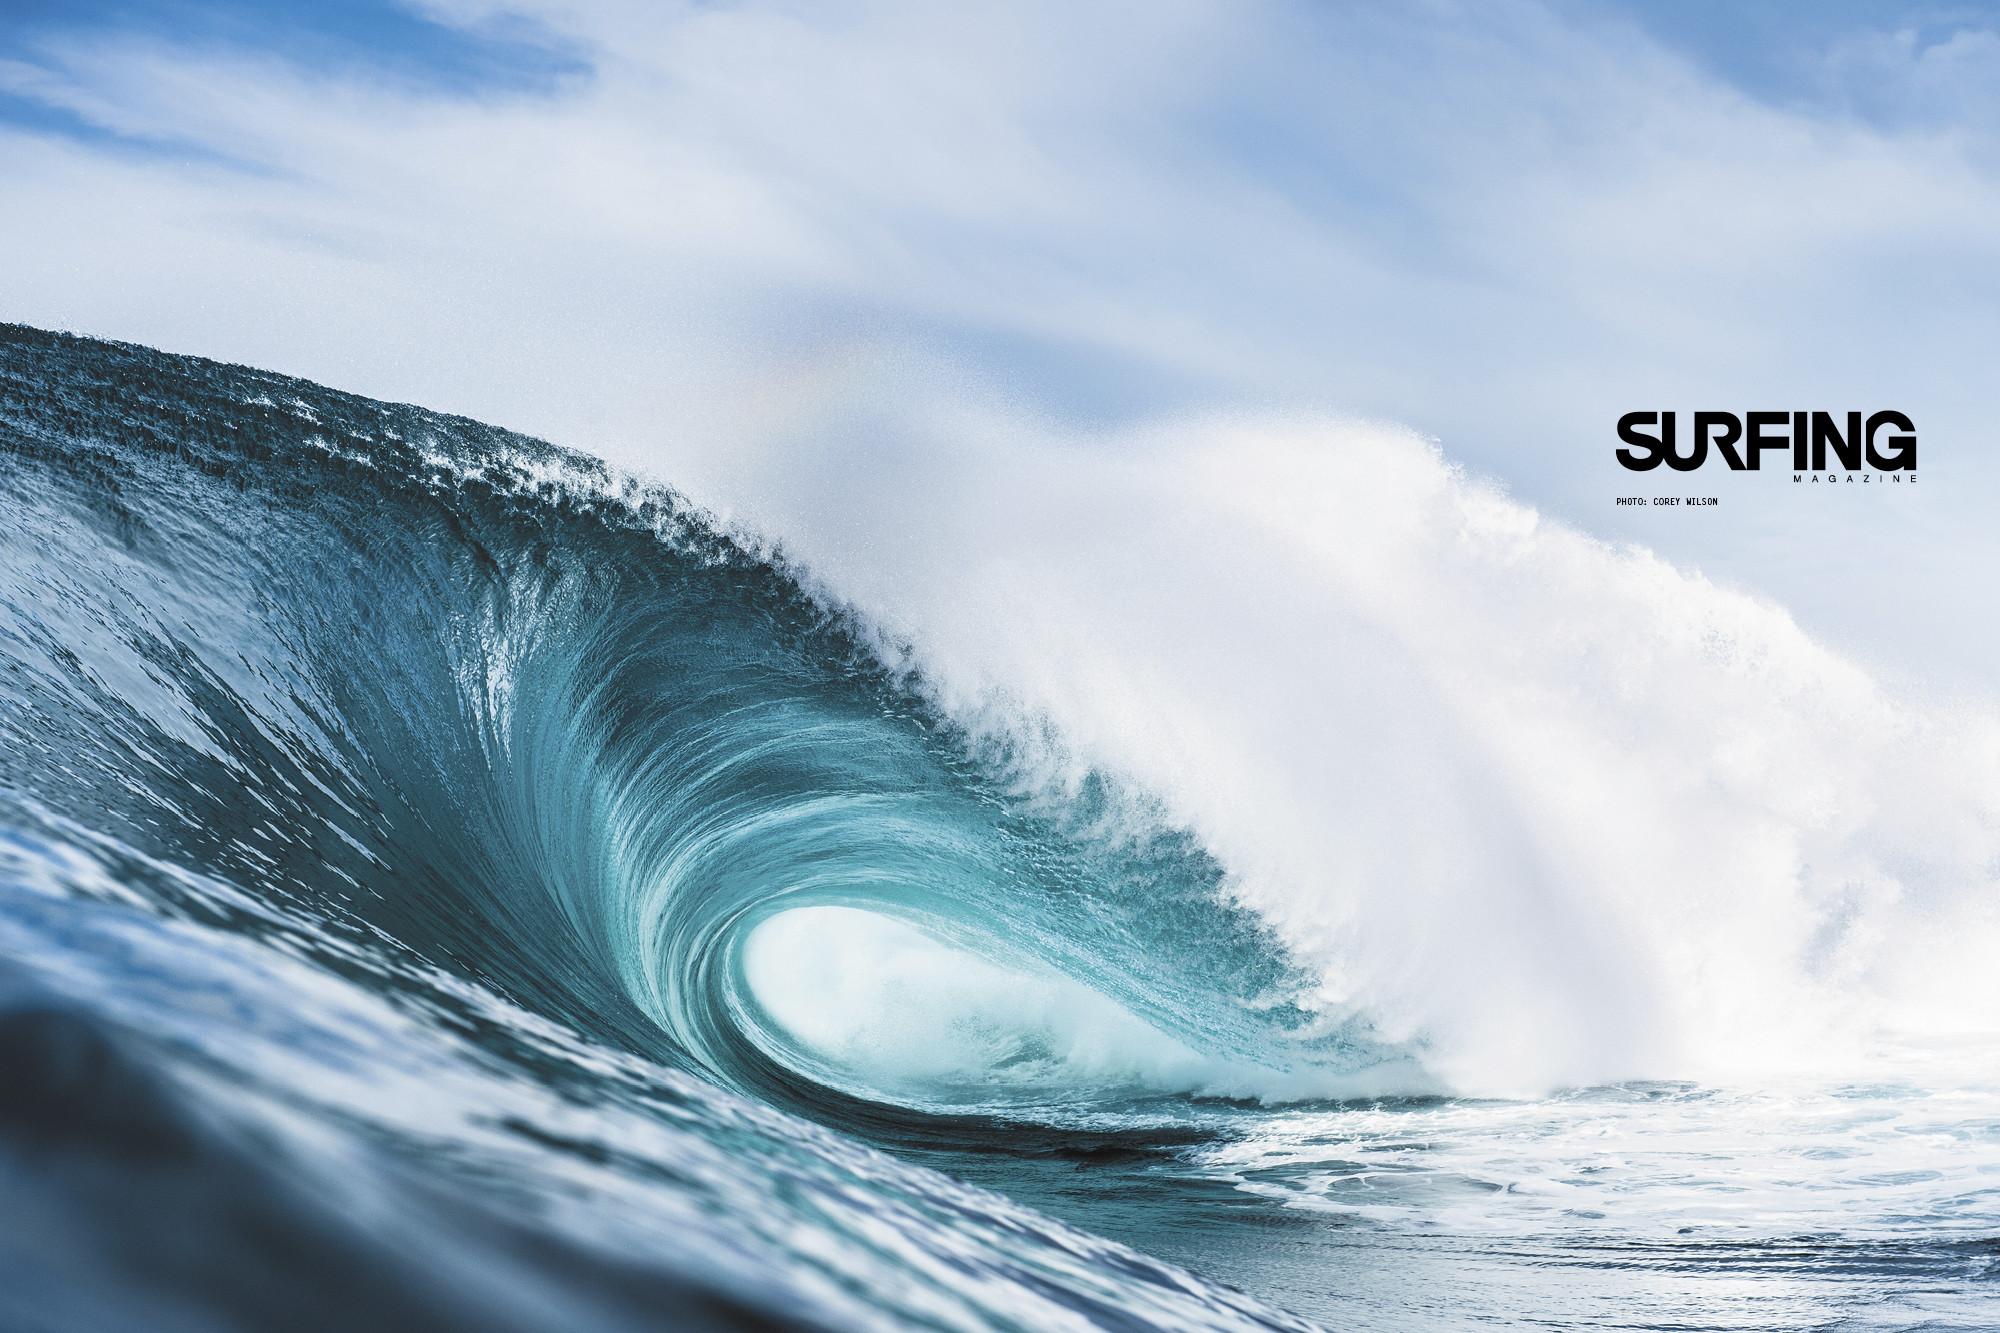 Surf Pics Wallpaper 76 images 2000x1333